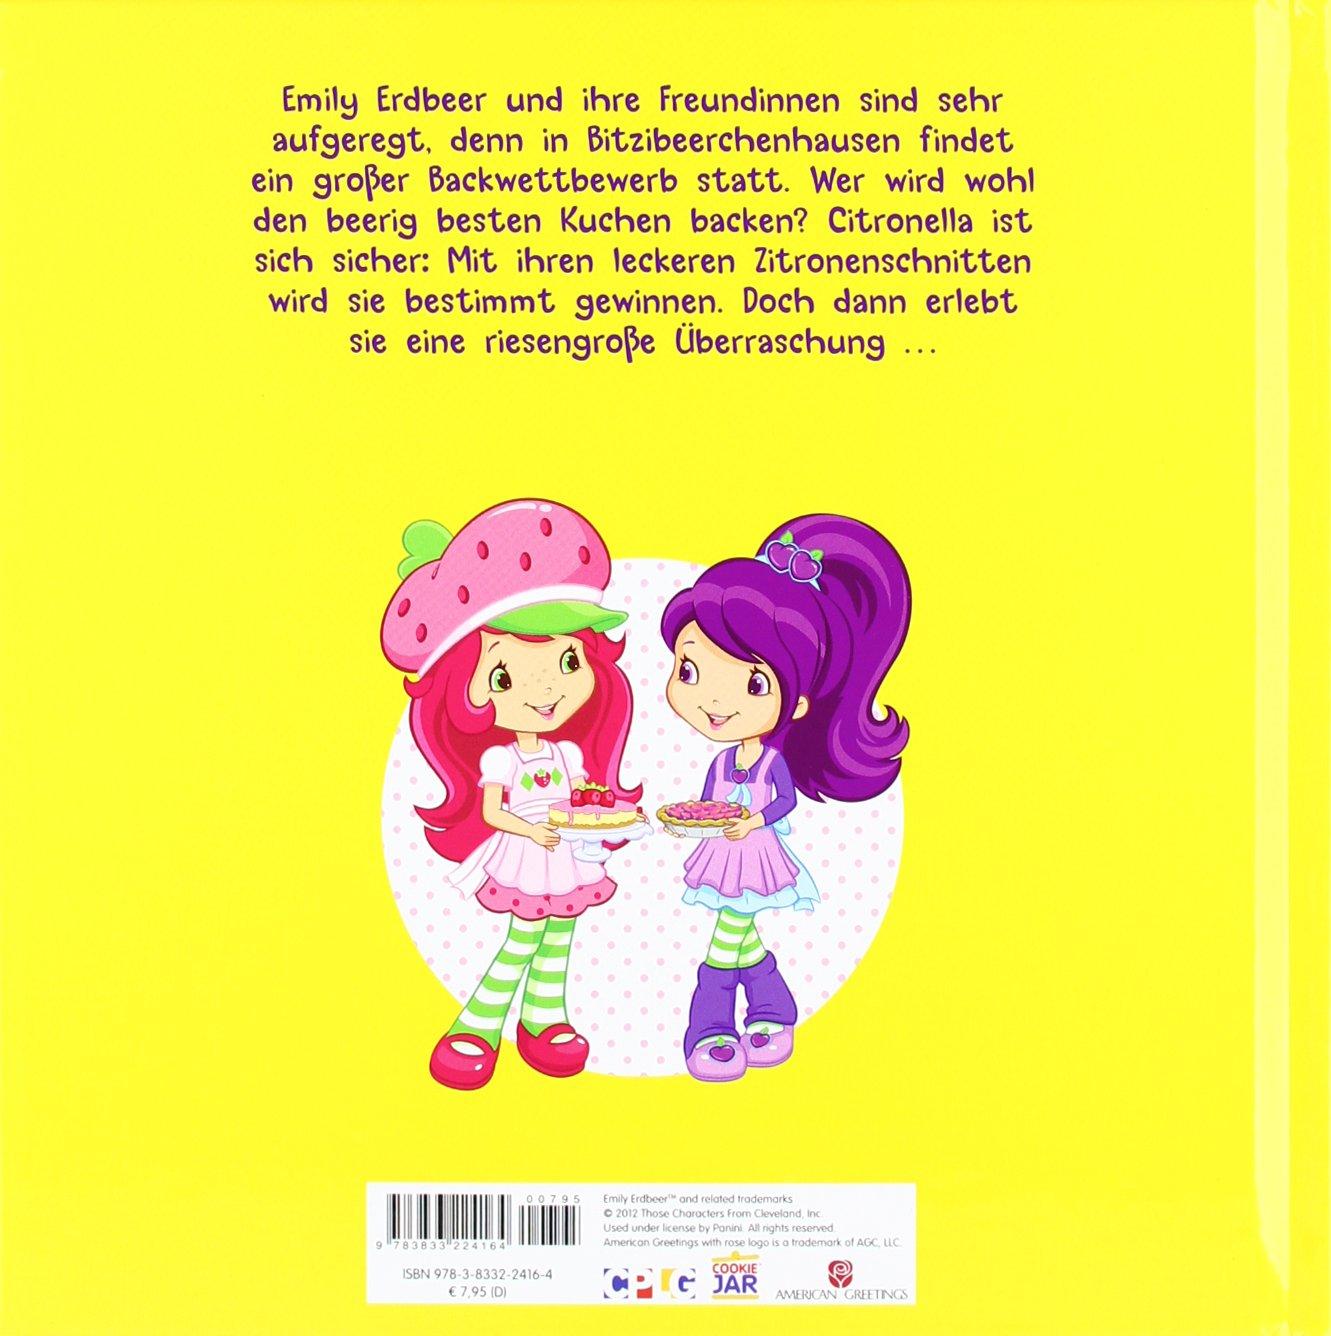 Emily Erdbeer Geschichtenbuch 02 Bd 2 Amazoncouk 9783833224164 Books